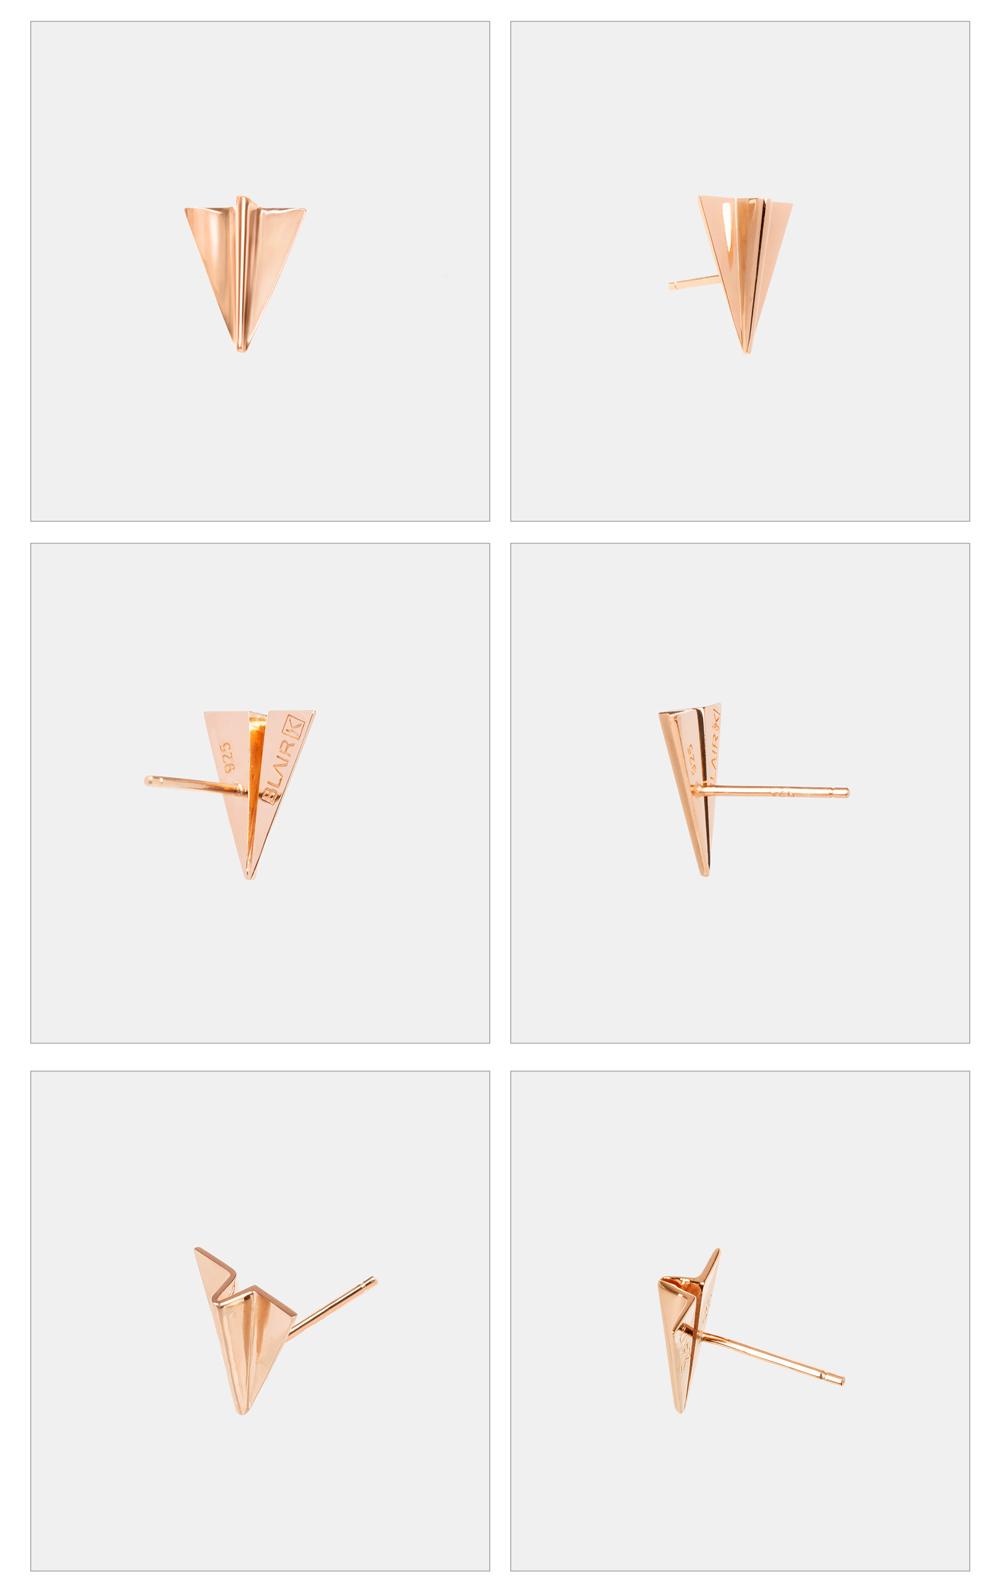 로즈골드귀걸이 큐빅귀걸이 비행기귀걸이 볼드귀걸이 모던귀걸이 심플귀걸이 오피스룩 데이트룩 데일리귀걸이 한복귀걸이